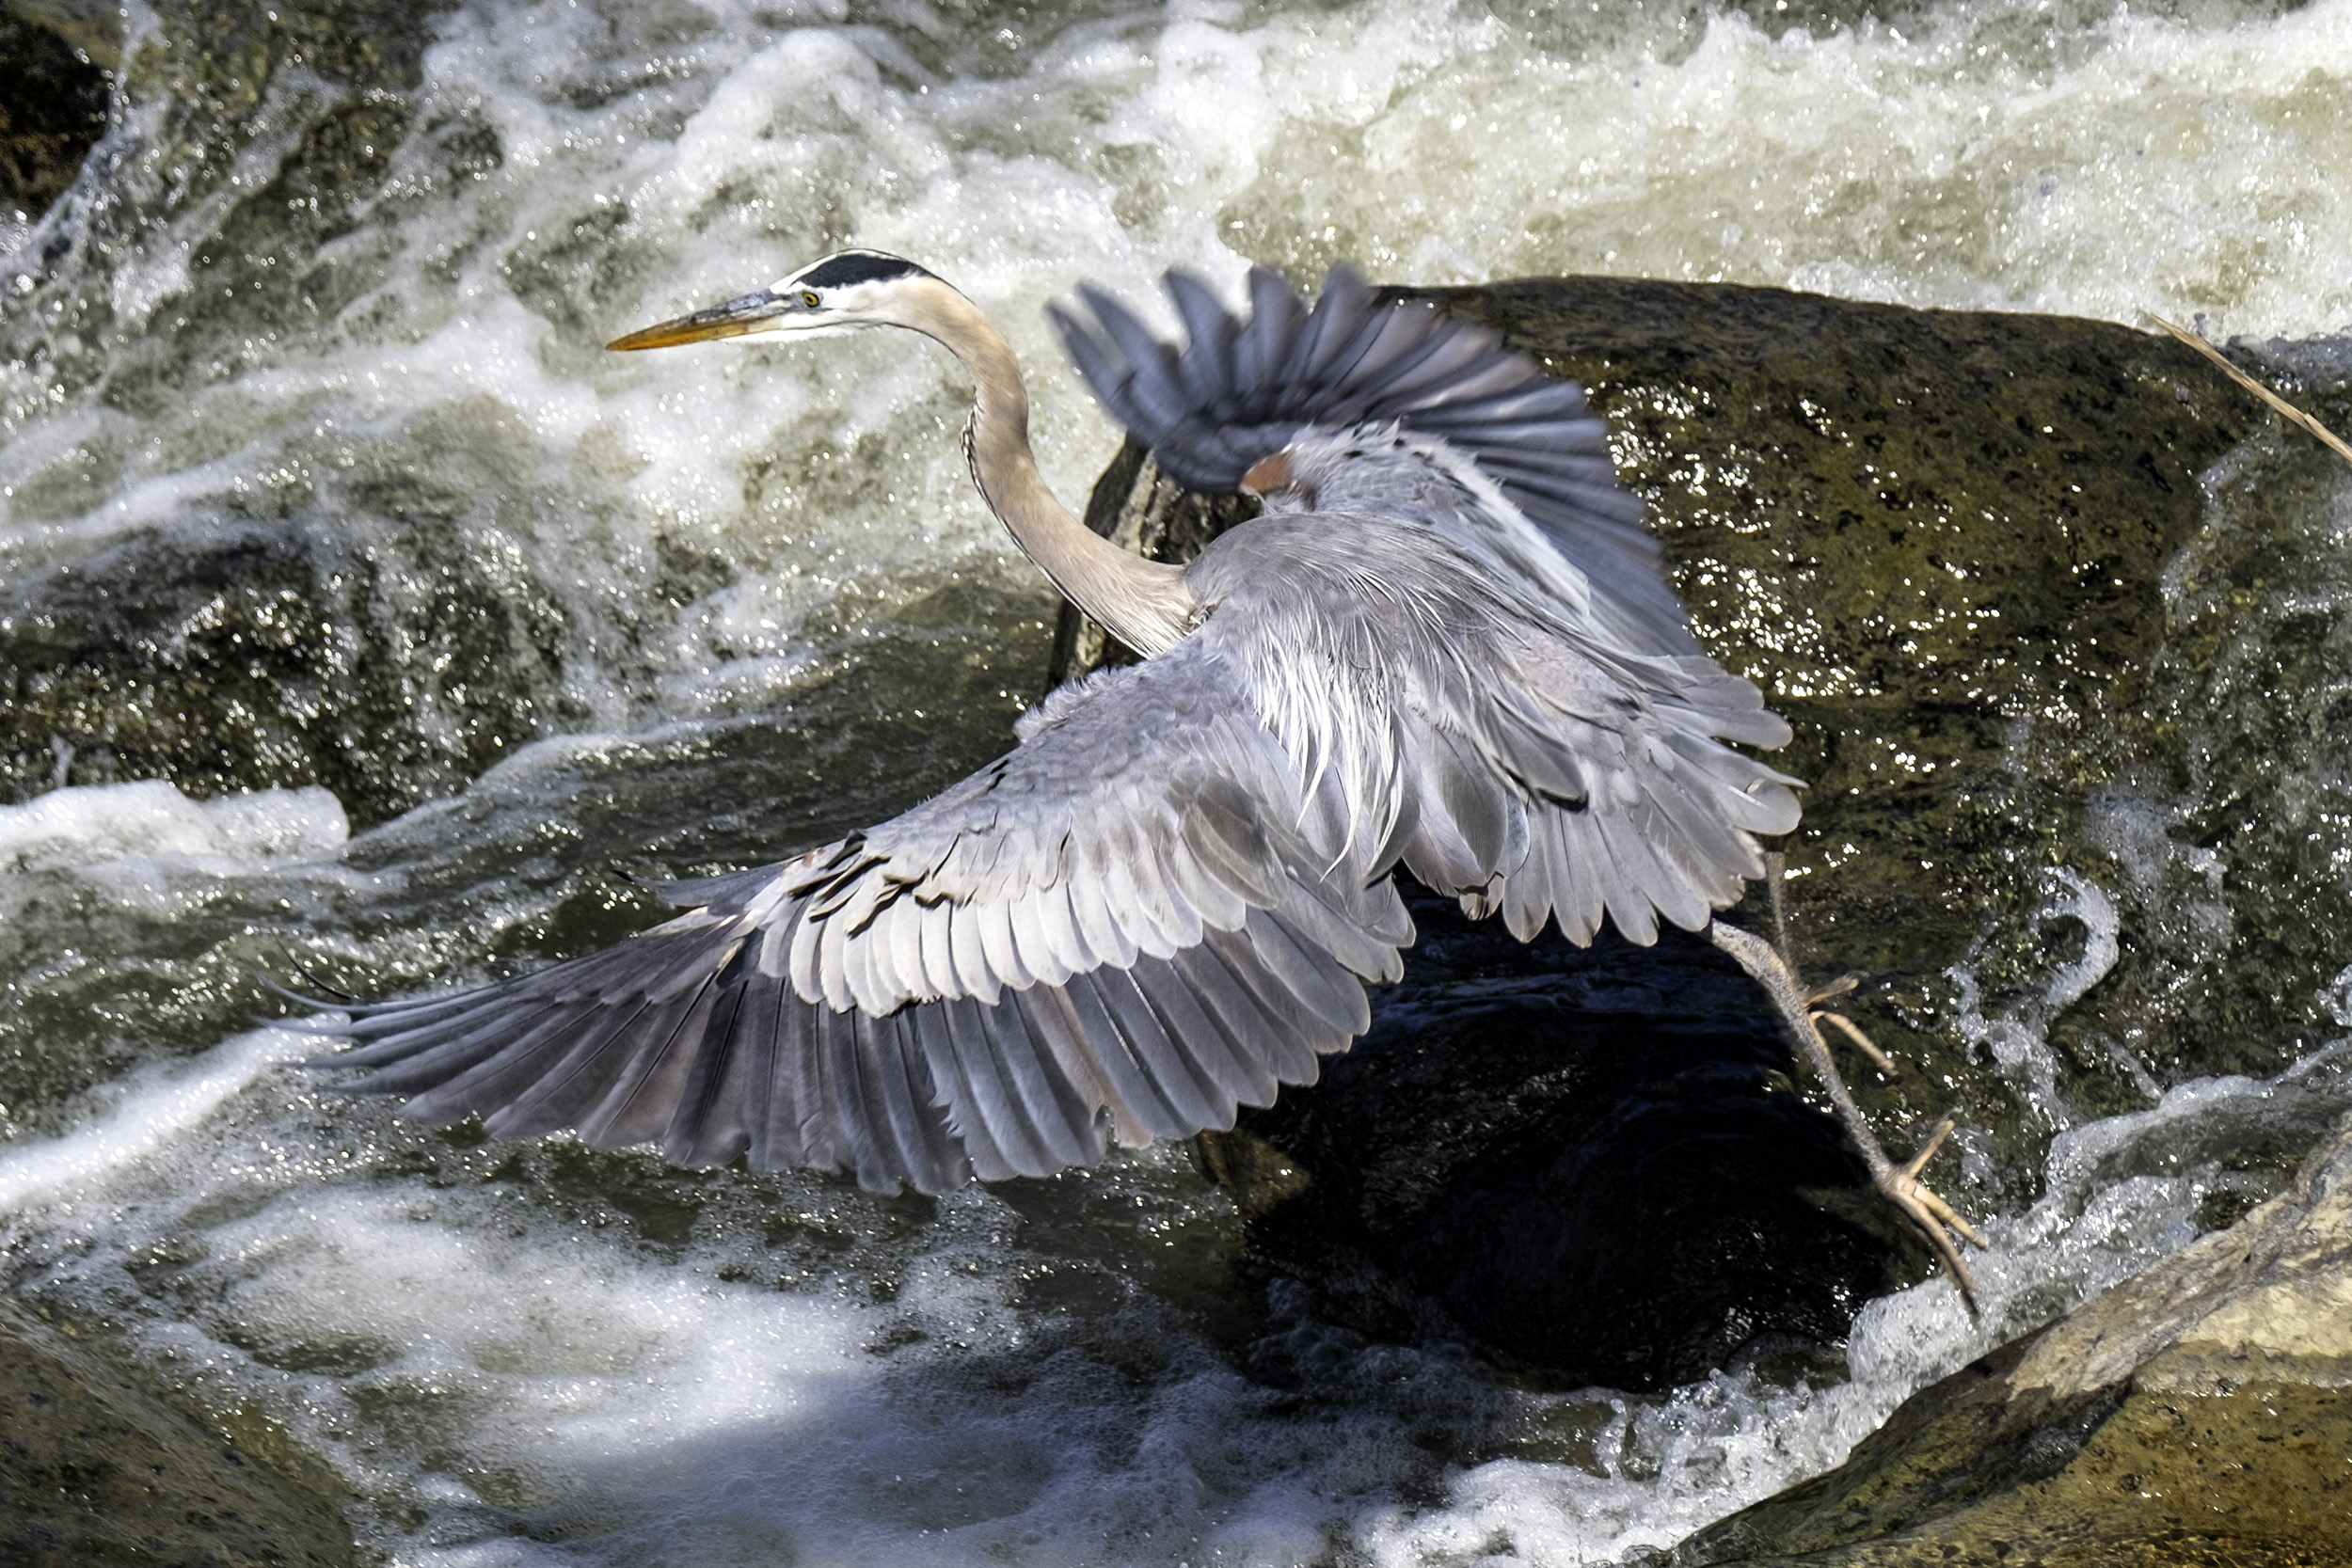 190524 GF Herons 009-1 cr.jpg